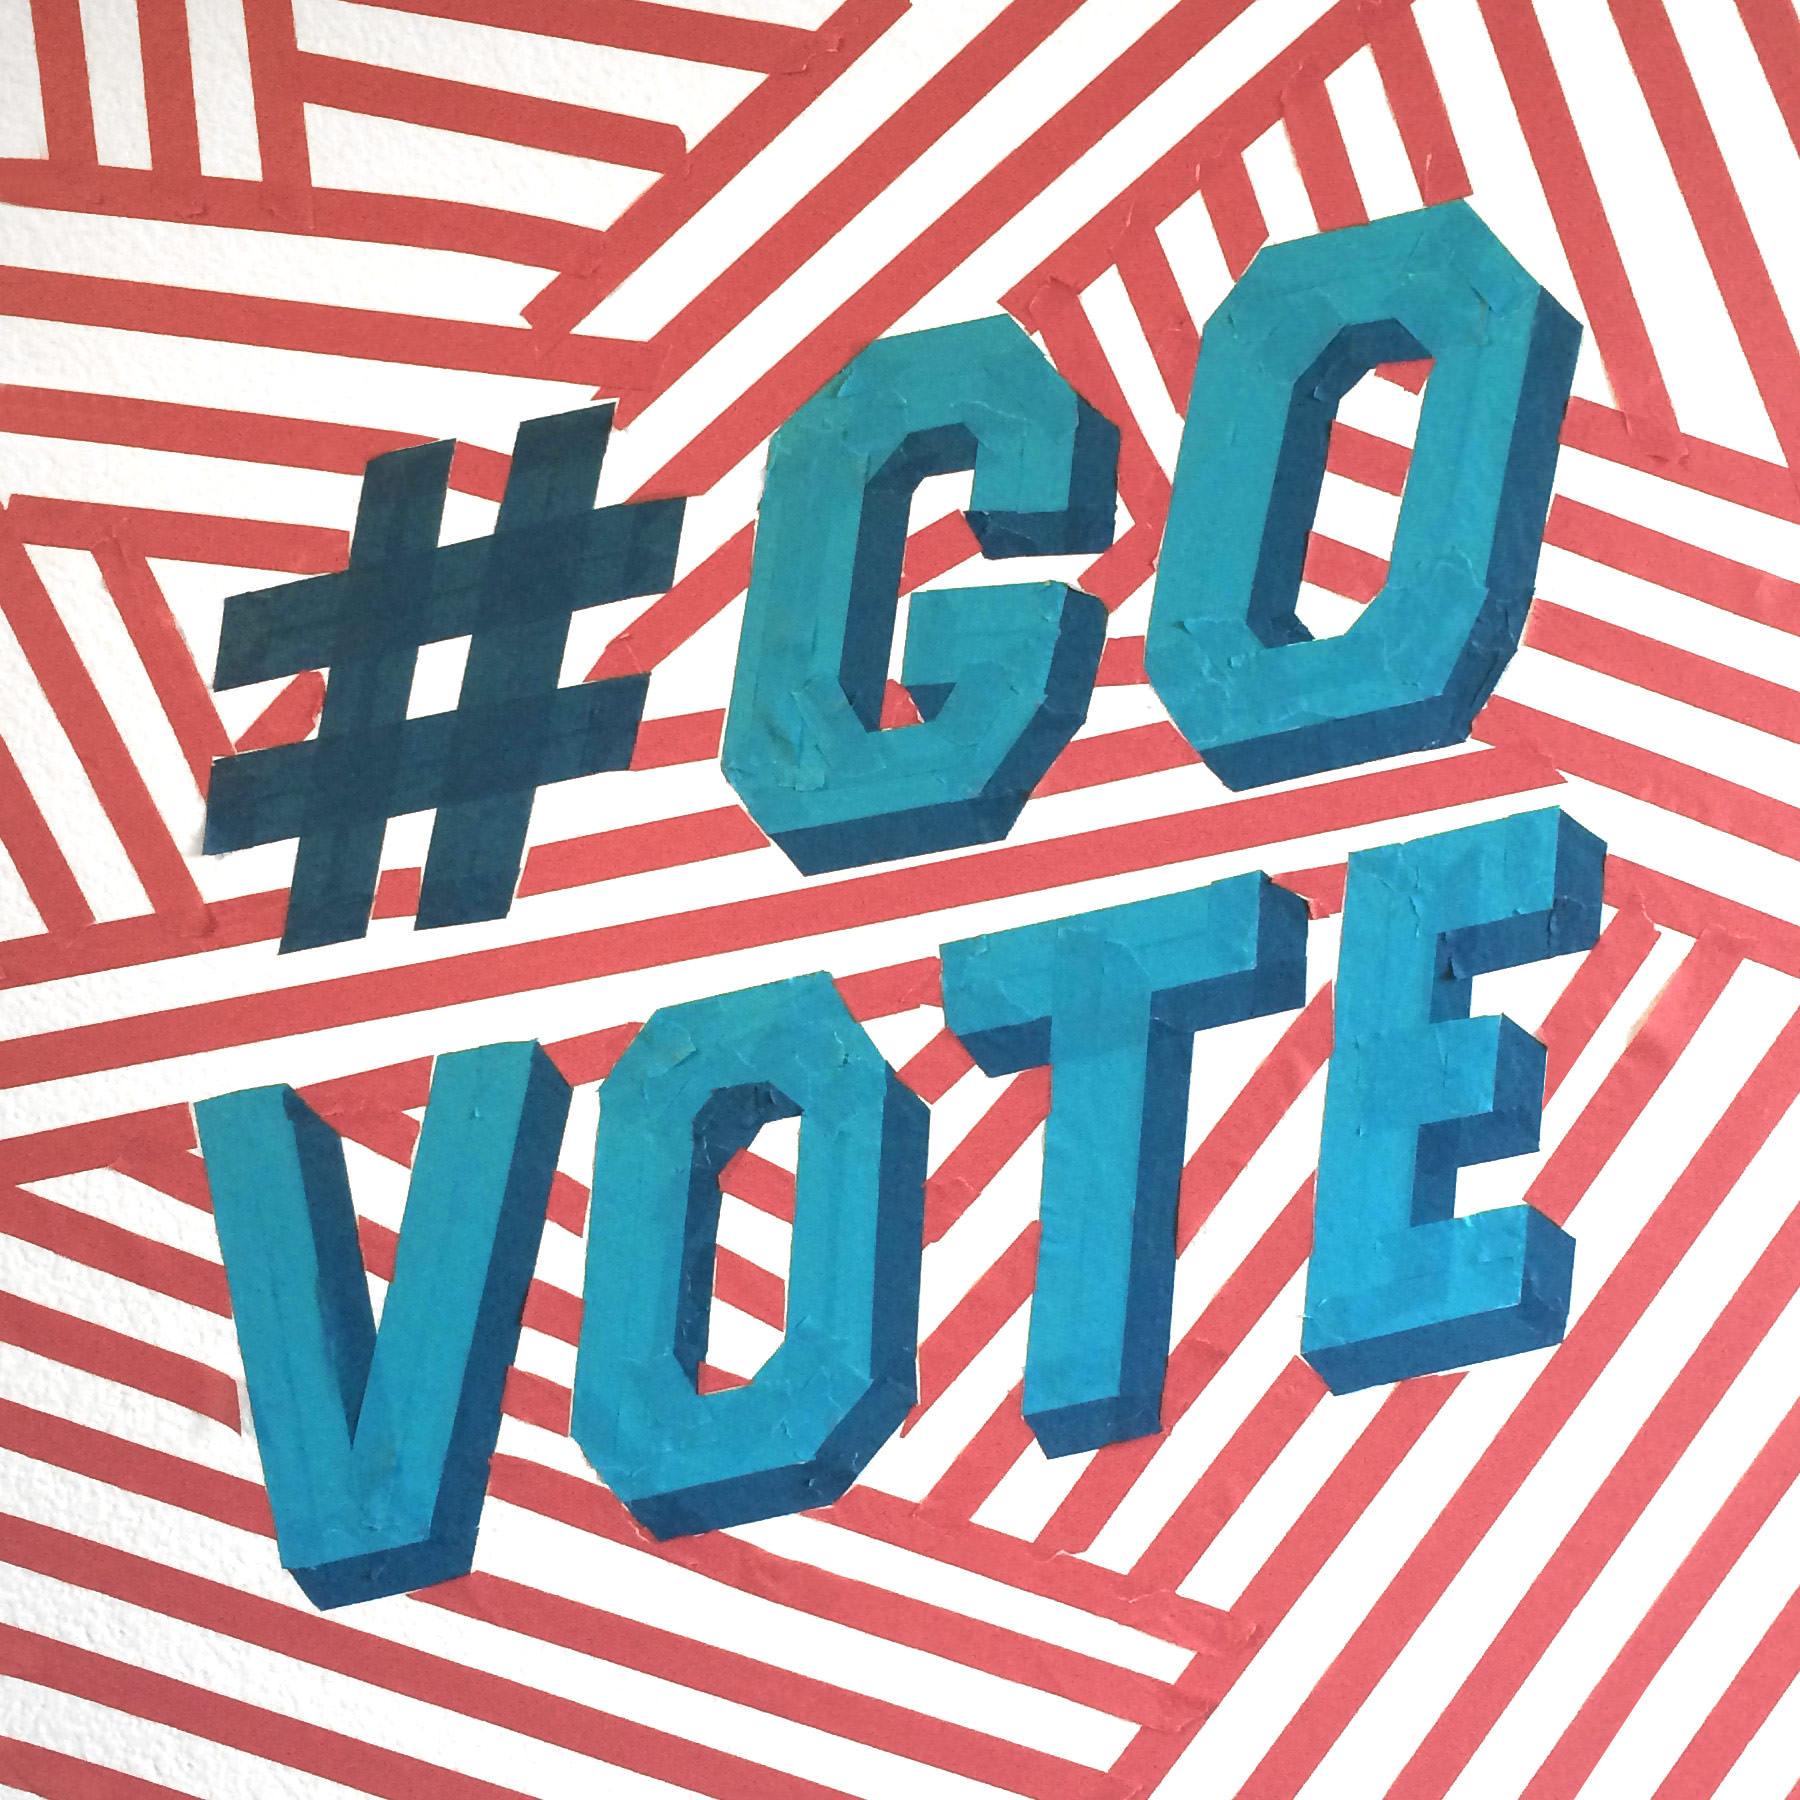 go-vote-tape-type-1